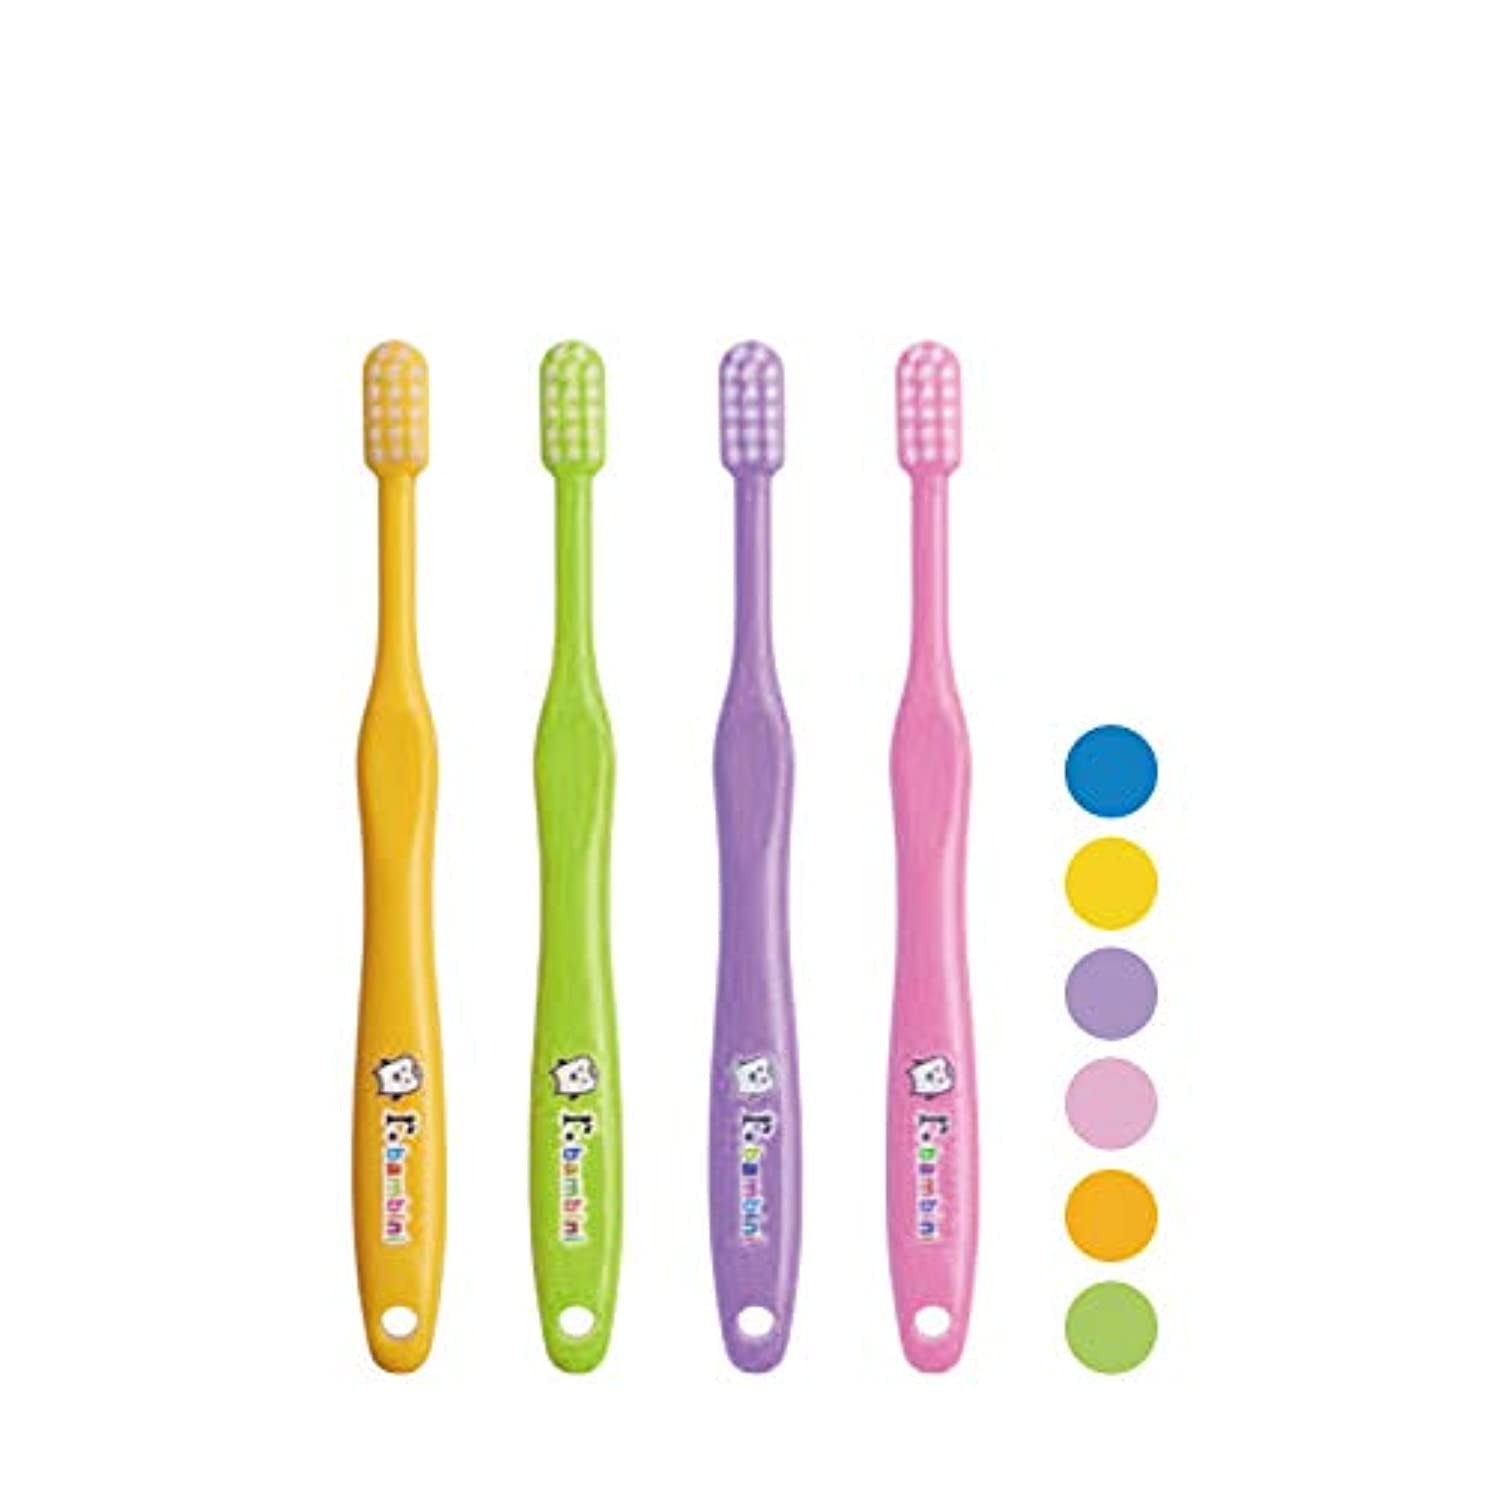 したい手綱海洋のサムフレンド r(アール)シリーズ アール バンビーニ 子ども用 歯ブラシ× 4本 M (ふつう)